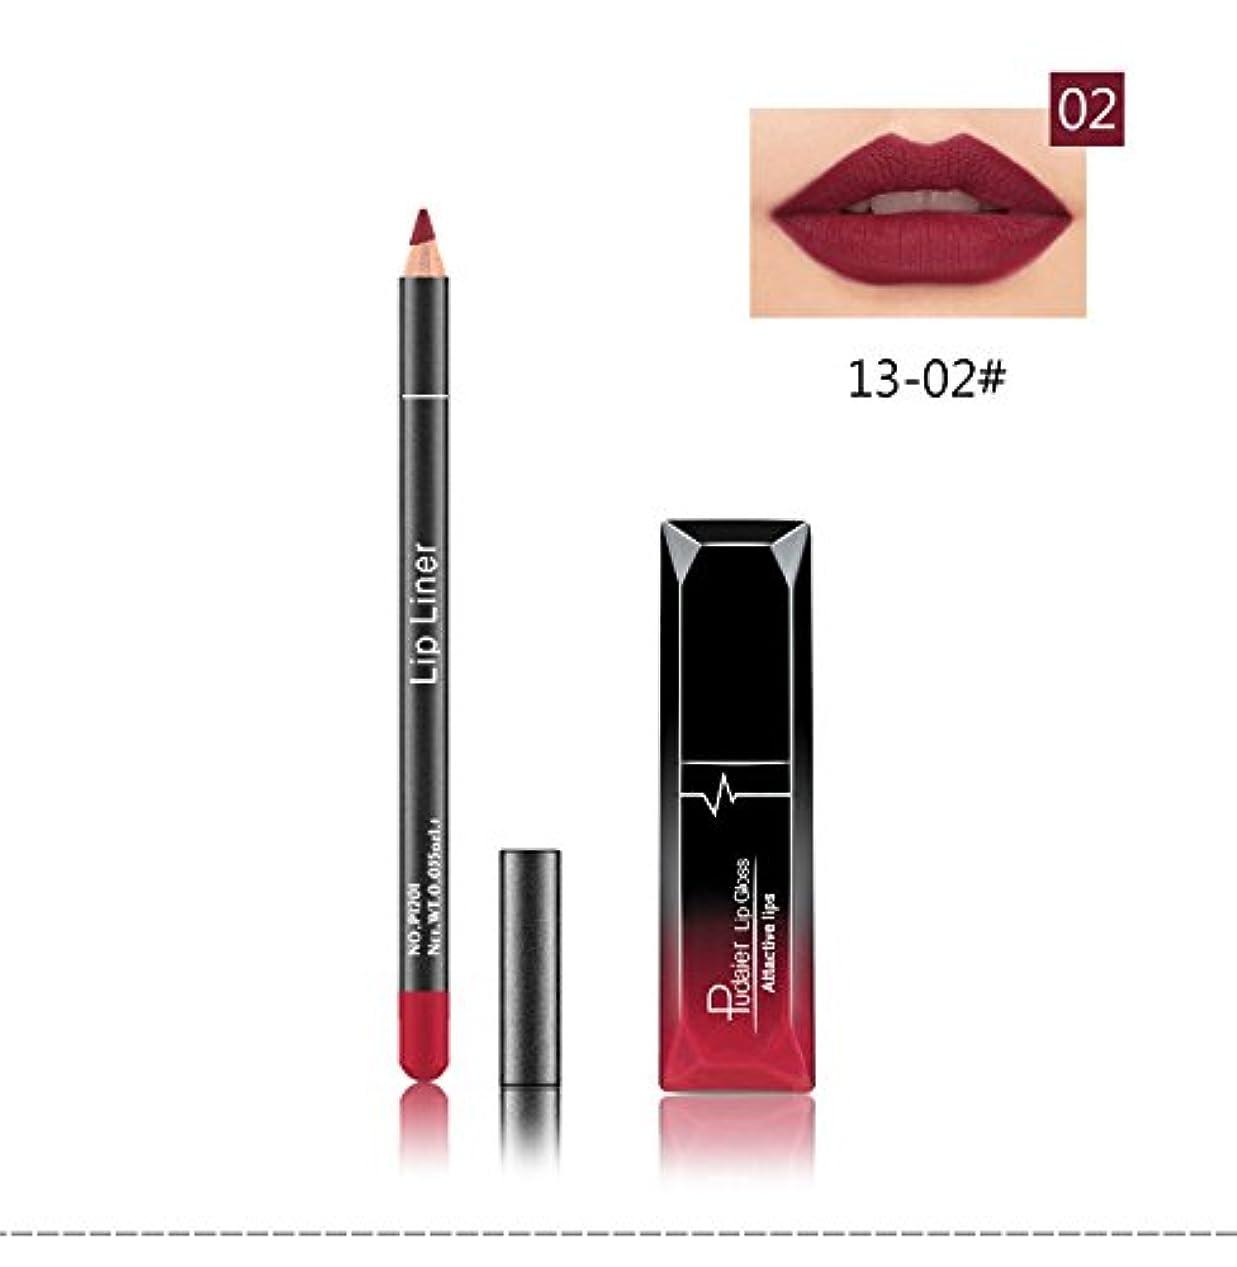 津波電極楽しむ(02) Pudaier 1pc Matte Liquid Lipstick Cosmetic Lip Kit+ 1 Pc Nude Lip Liner Pencil MakeUp Set Waterproof Long Lasting Lipstick Gfit